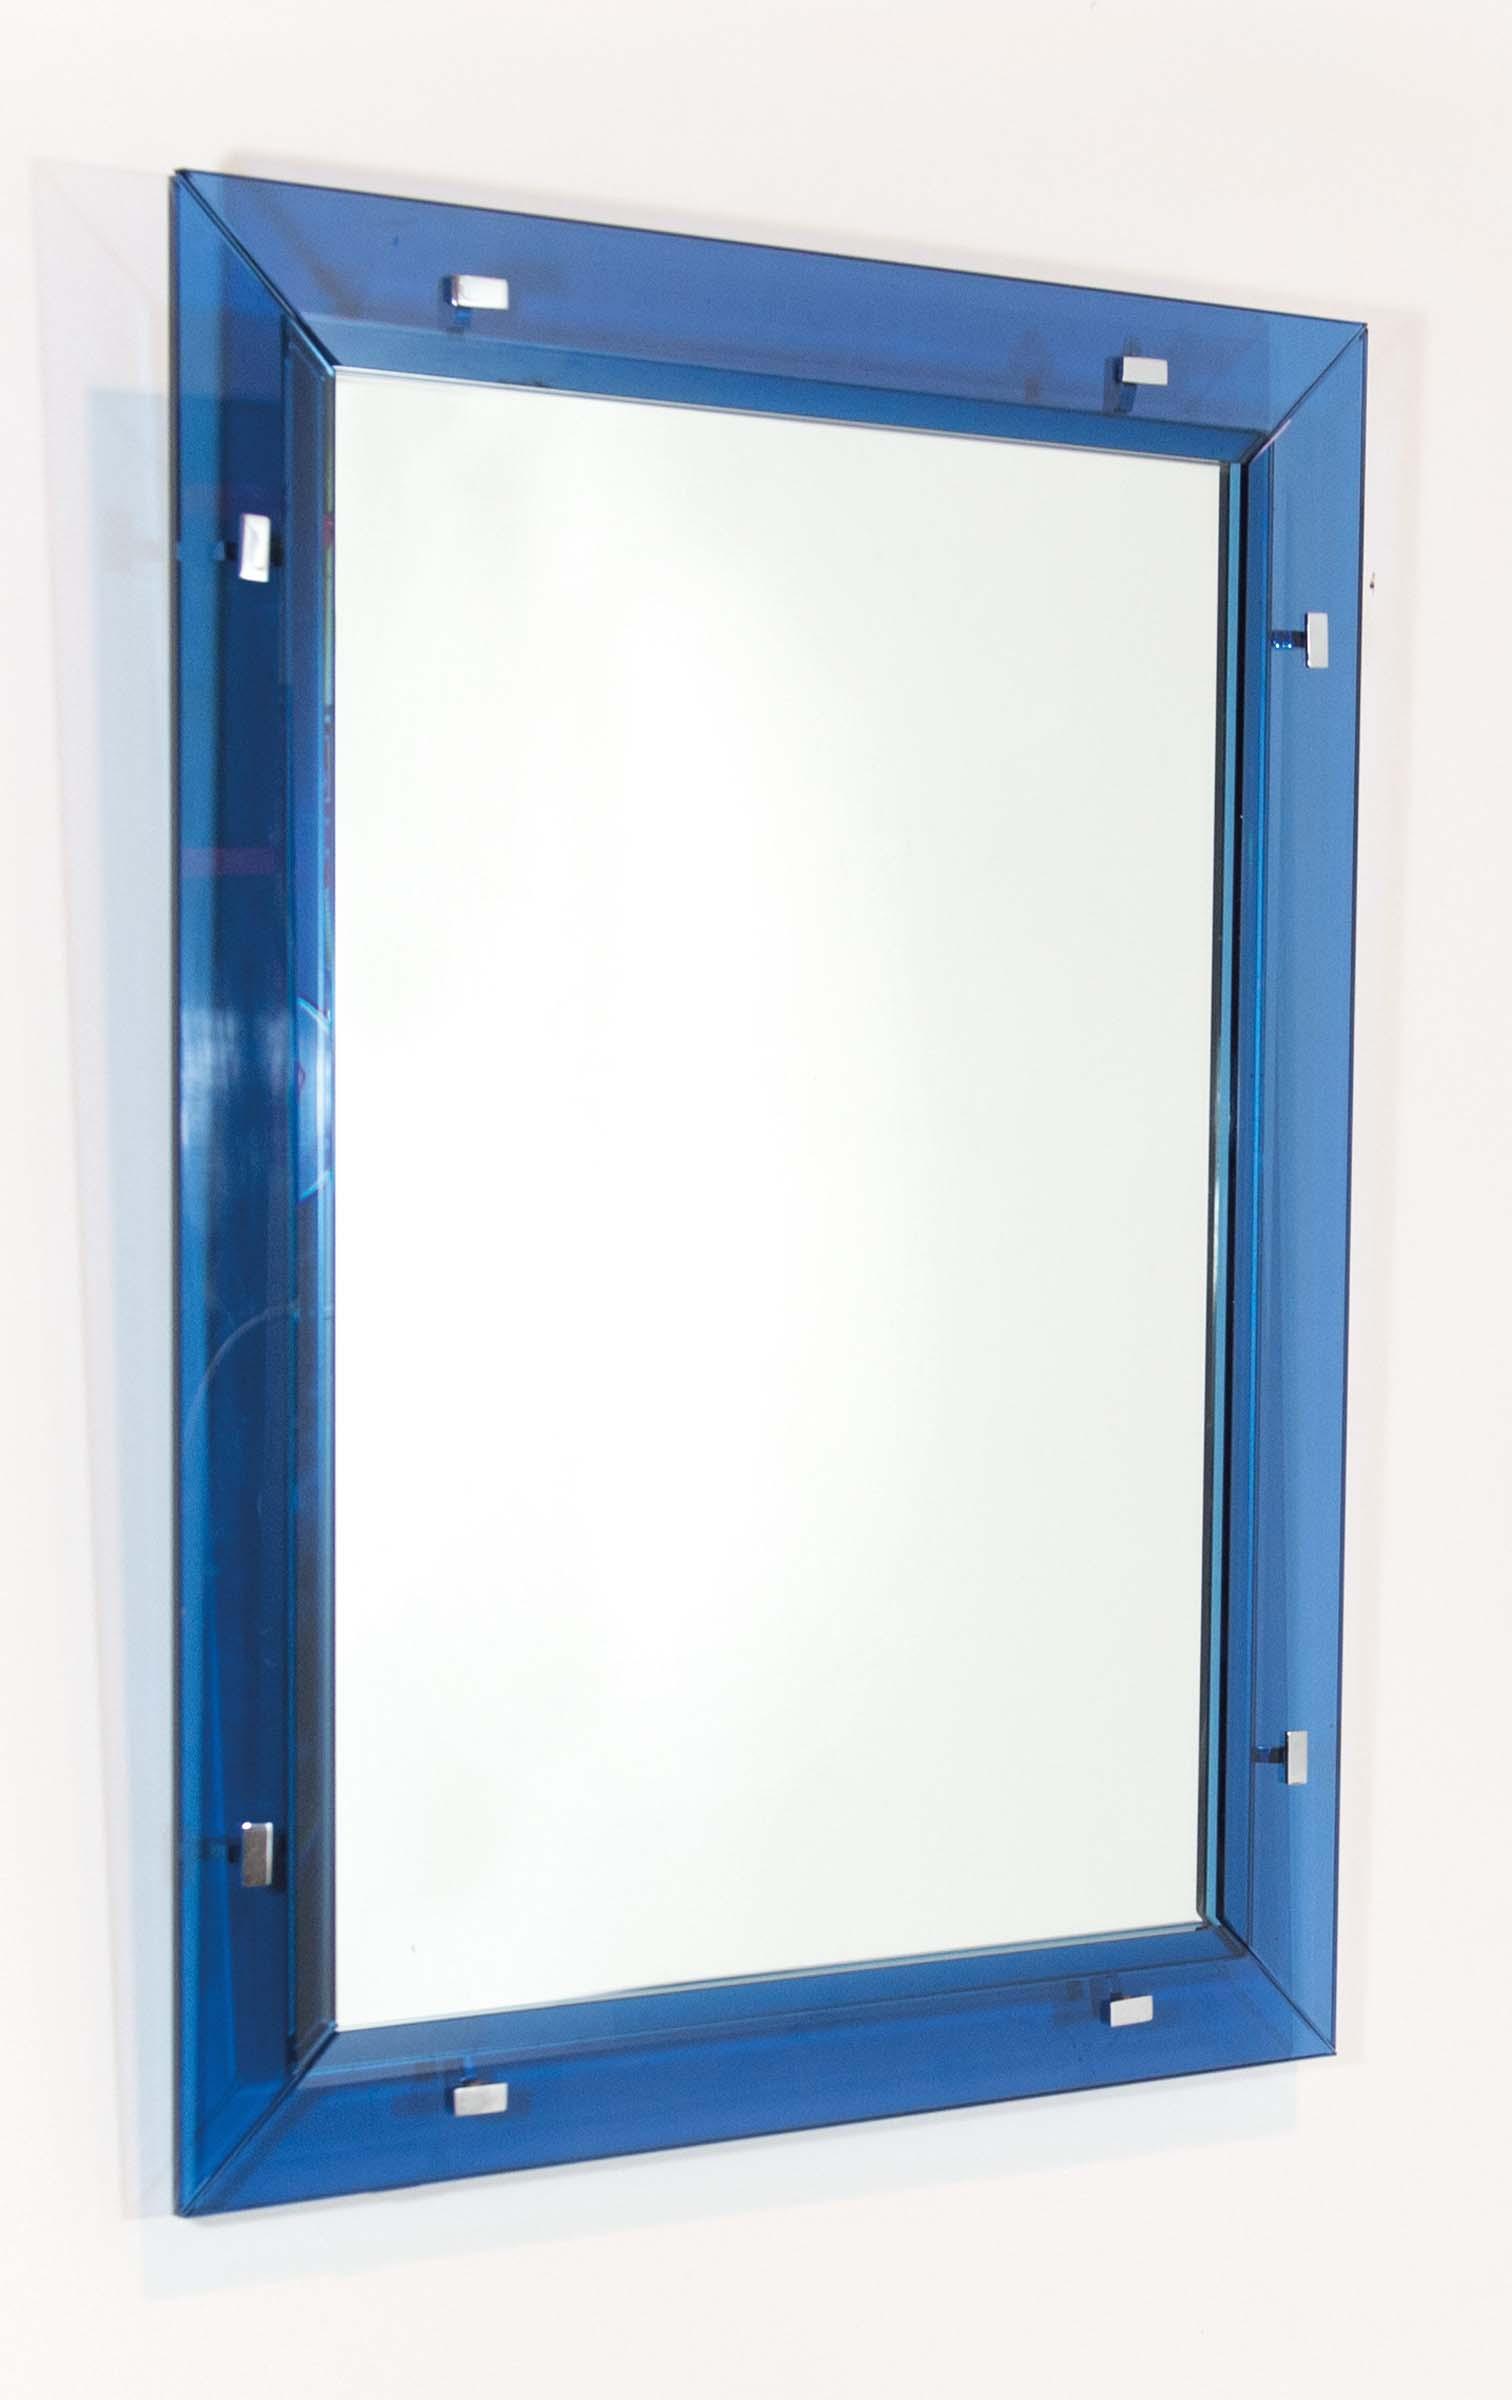 Fontana arte attr specchio con cornice in lastre di vetro blu fissate con borchie di ottone - Lastre di specchio ...